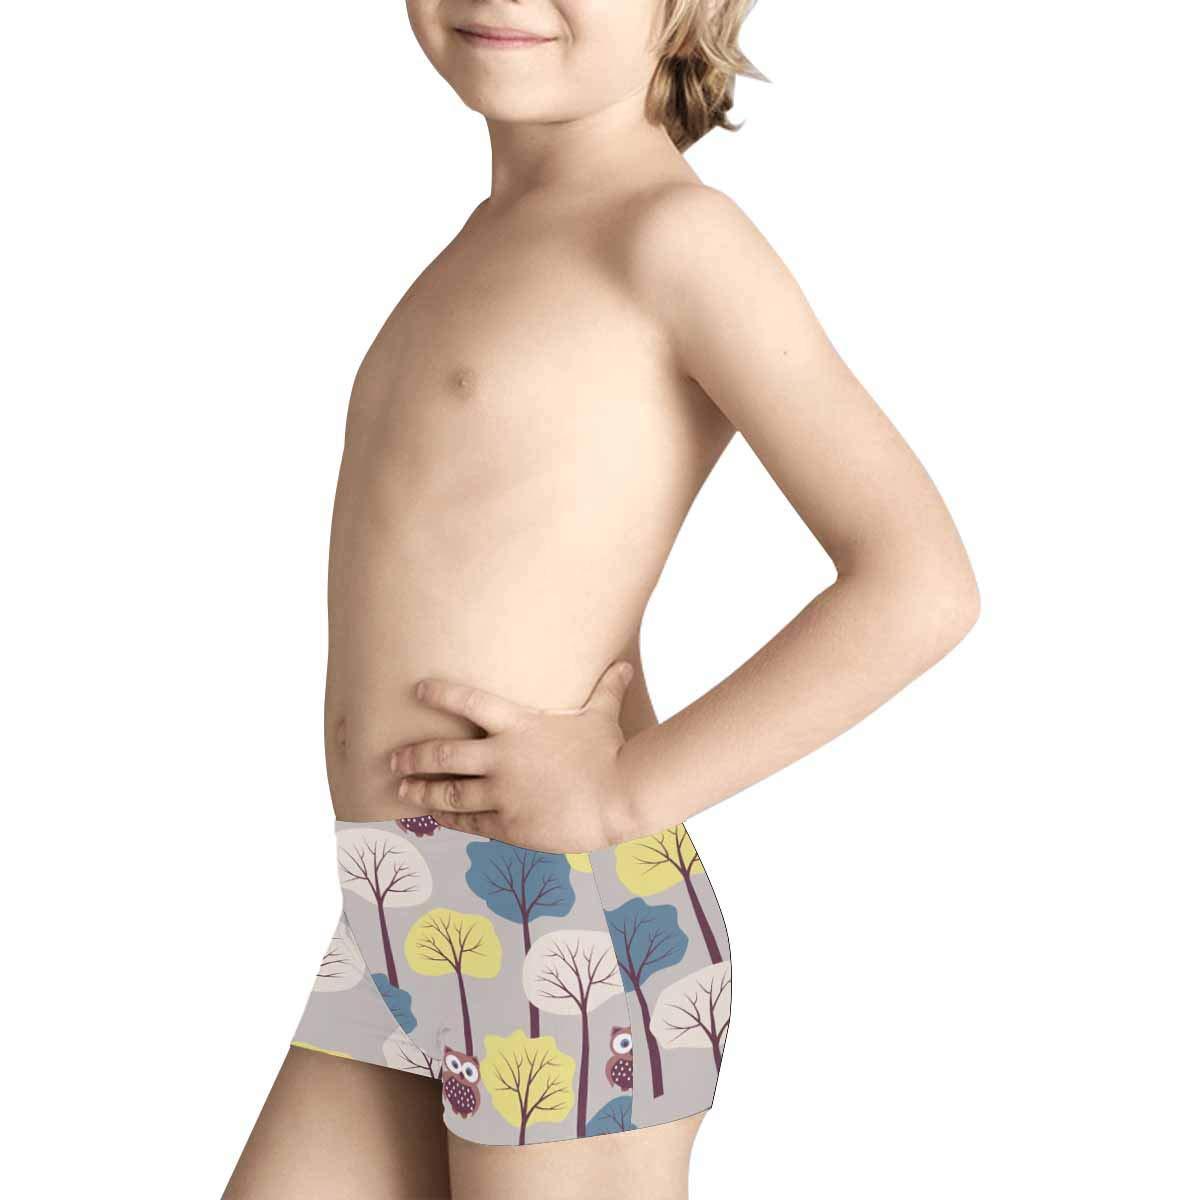 INTERESTPRINT Boys Autumn with Cute Owls Boxer Brief Underwear 5T-2XL